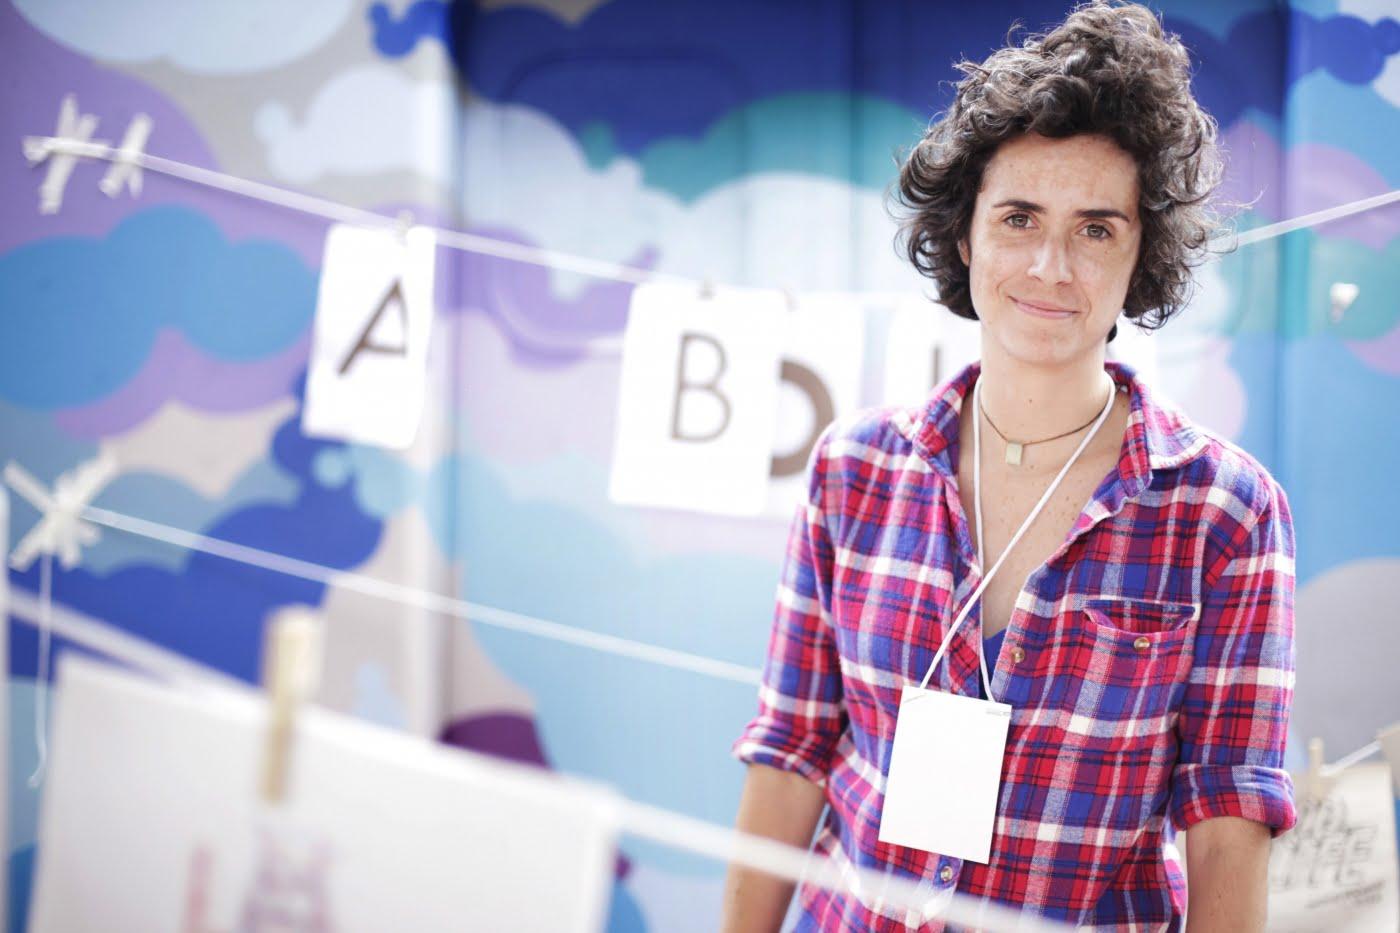 """""""A Bolha é uma batalha pessoal, é um projeto de vida. Para mim, o trabalho de um editor é abrir espaços"""", diz Raquel Gontijo, empreendedora de um nicho de apaixonados."""